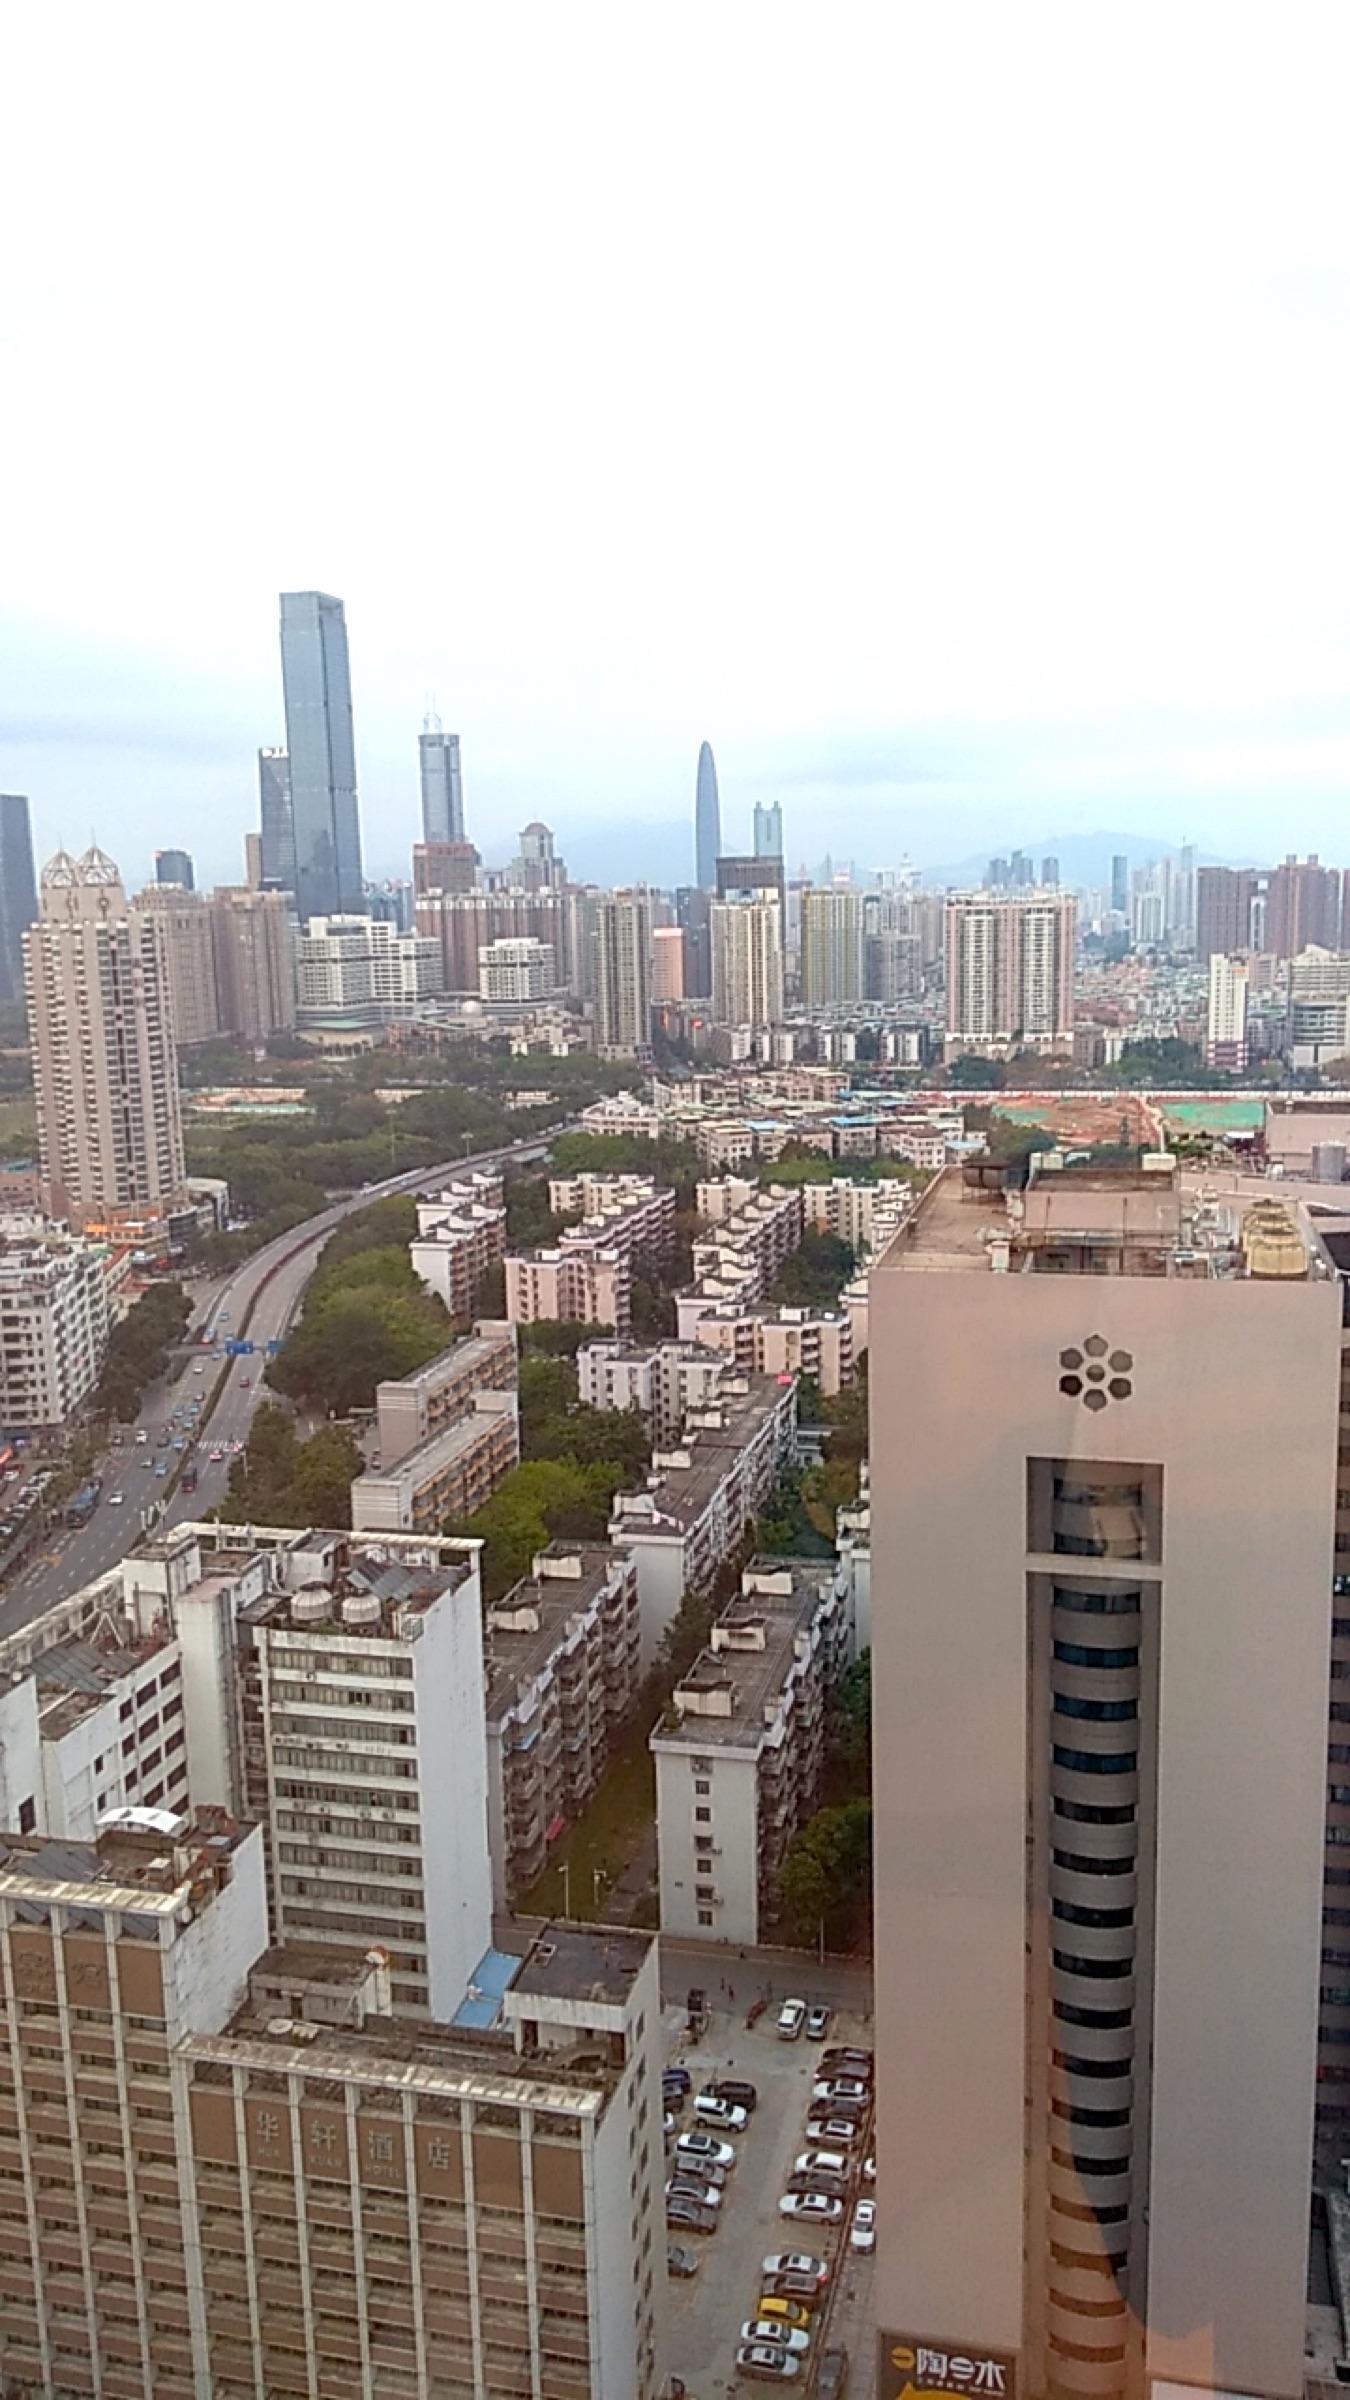 中国 深セン 福田 ウィンダム・グランド・ホテル24階からの風景 Shenzhen Futian Wyndham Grand Hotel_[0]